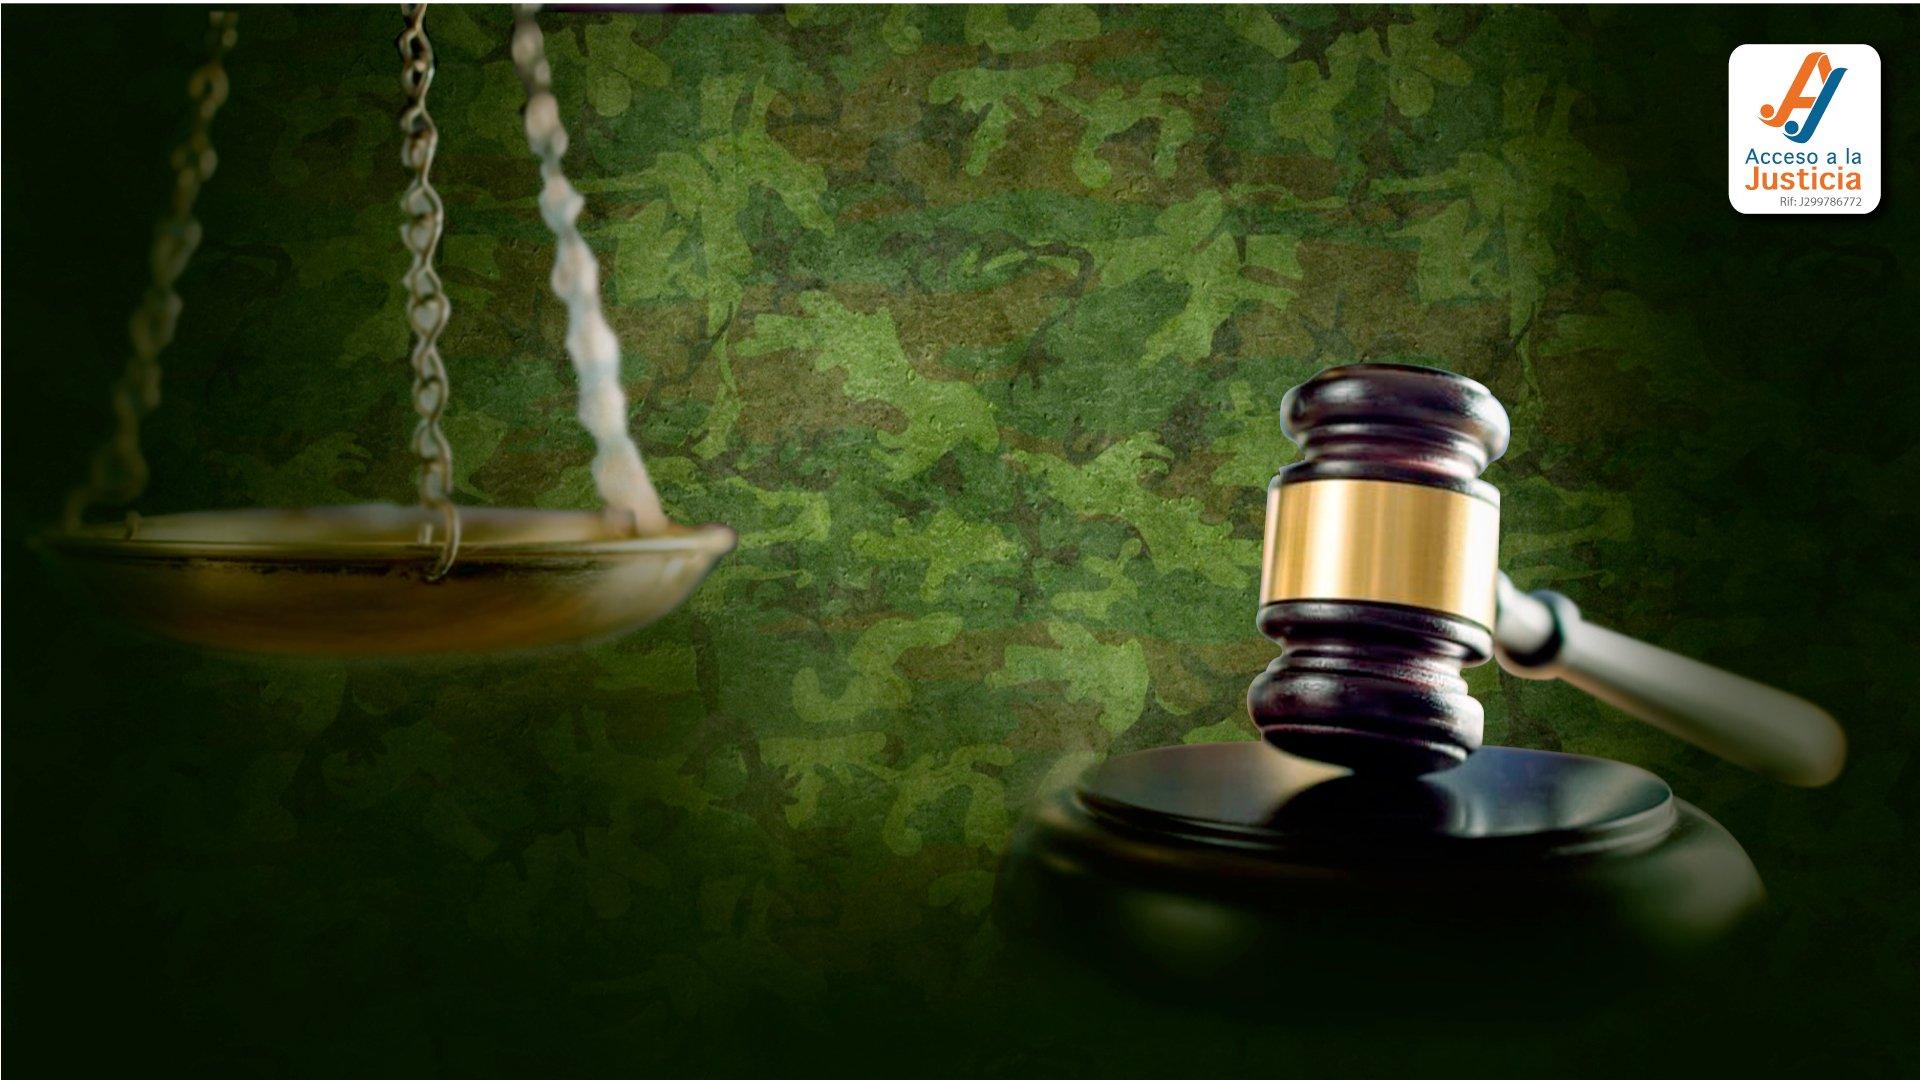 Cuatro ONG rechazaron uso de justicia militar contra disidencia política y plantearon su eliminación